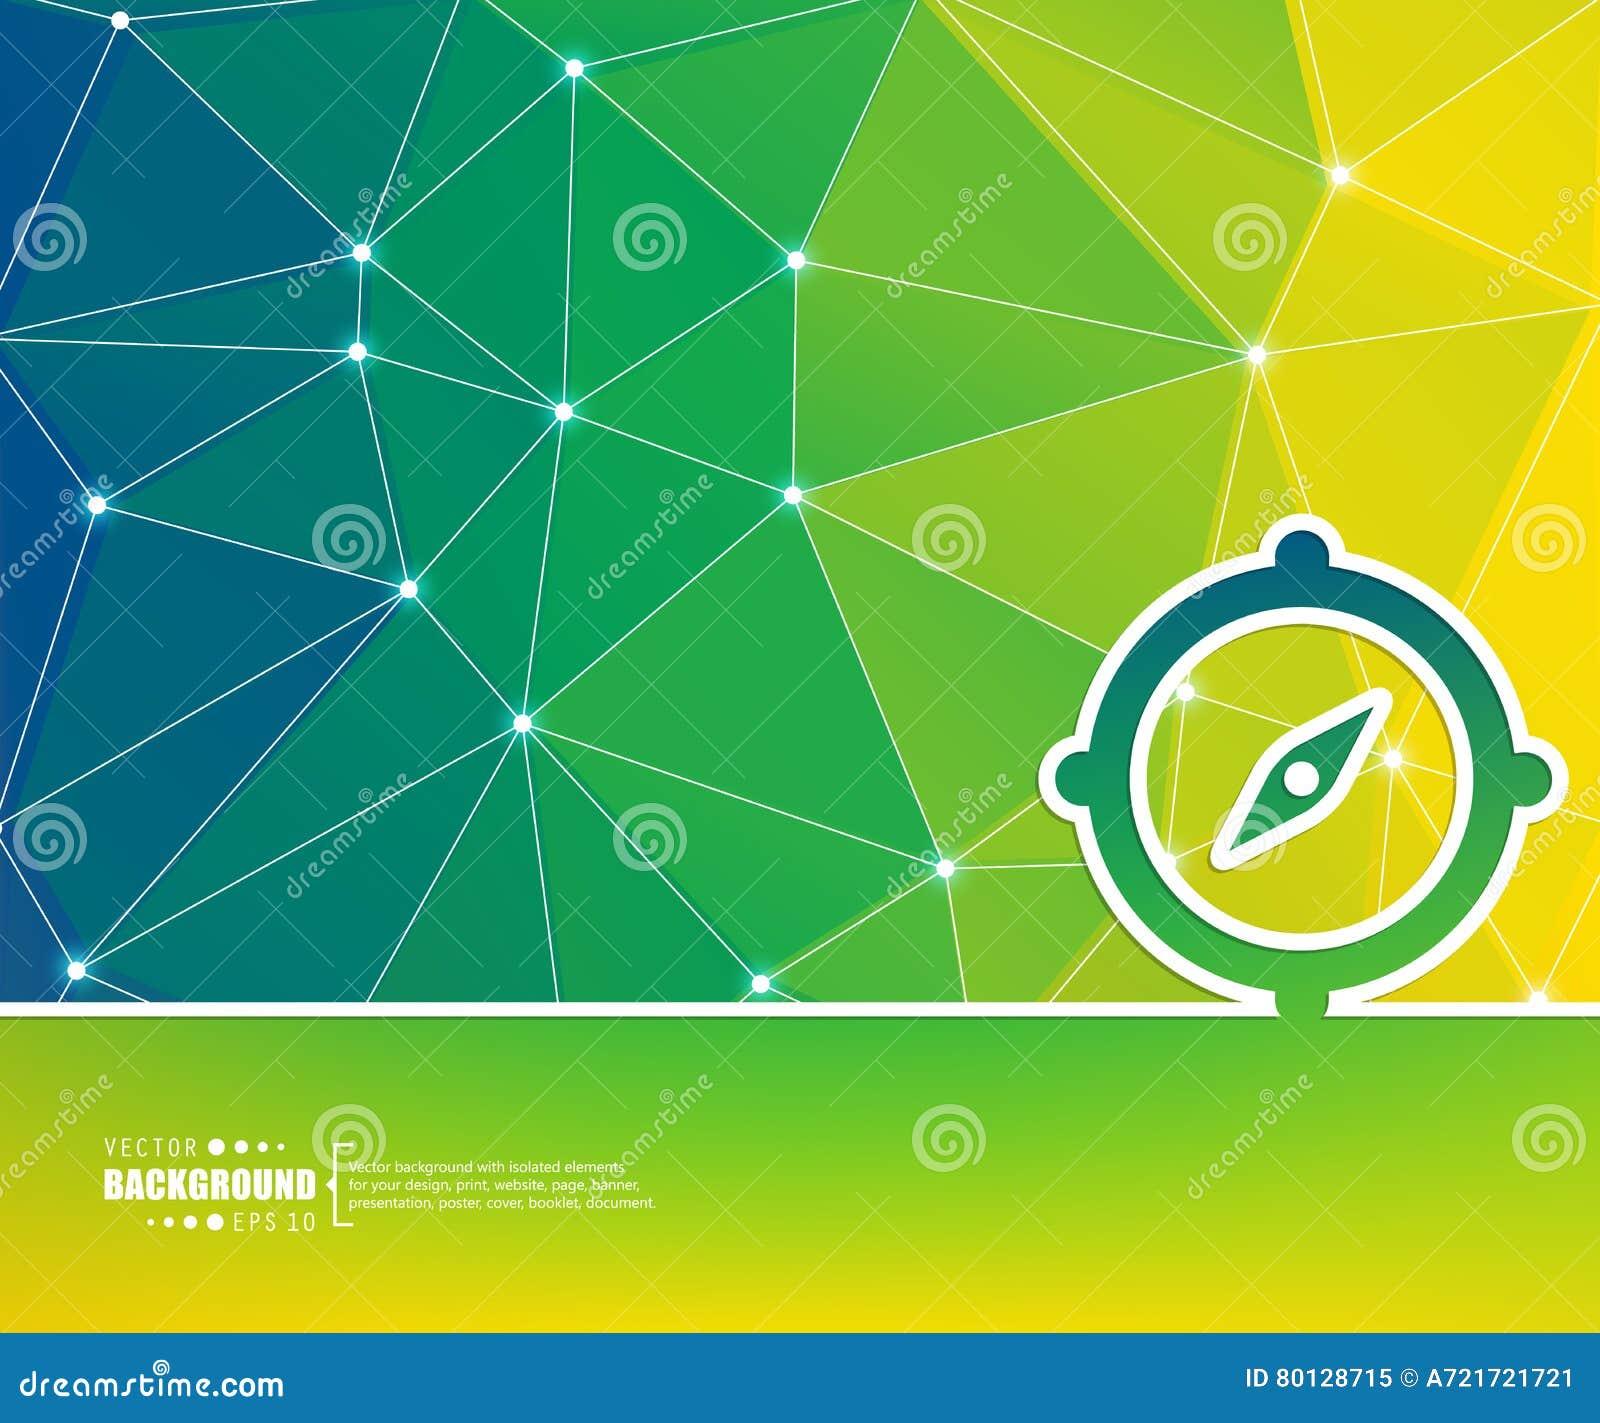 Abstracte Creatieve concepten vectorachtergrond Voor Web en mobiele toepassingen, het ontwerp van het illustratiemalplaatje, zake